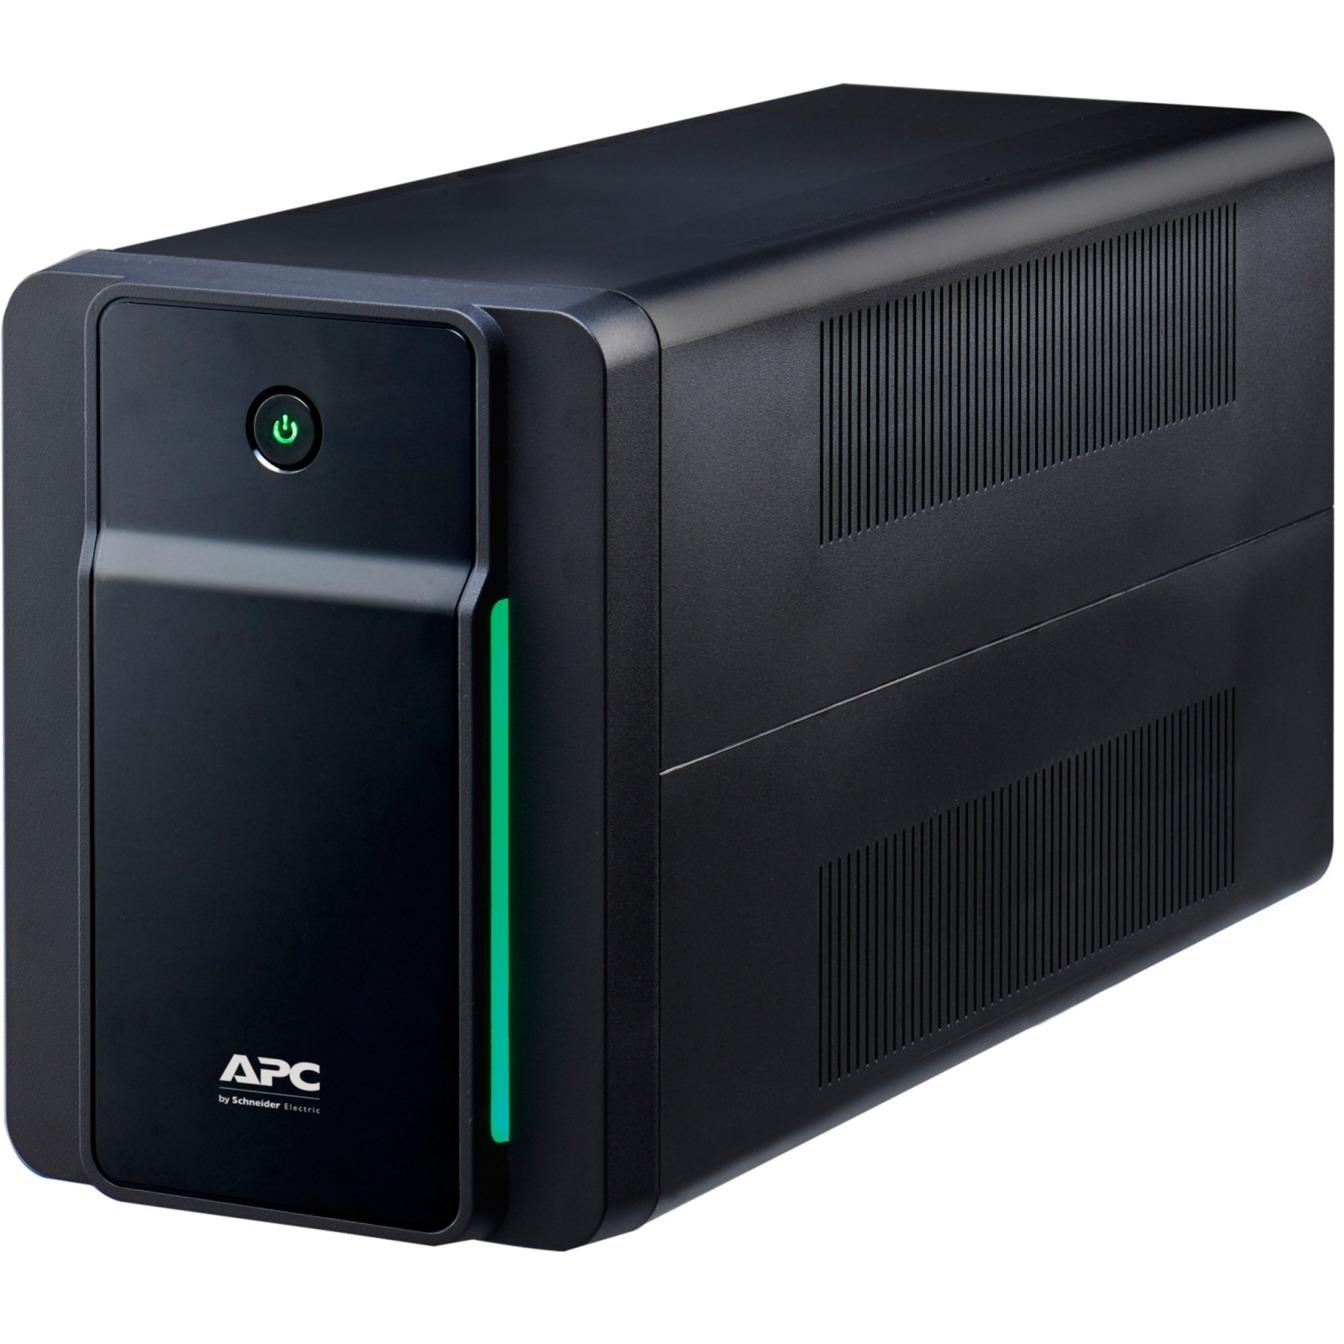 Image of Back-UPS 1200VA, 230V, AVR, Schutzkontakt Sockets, USV